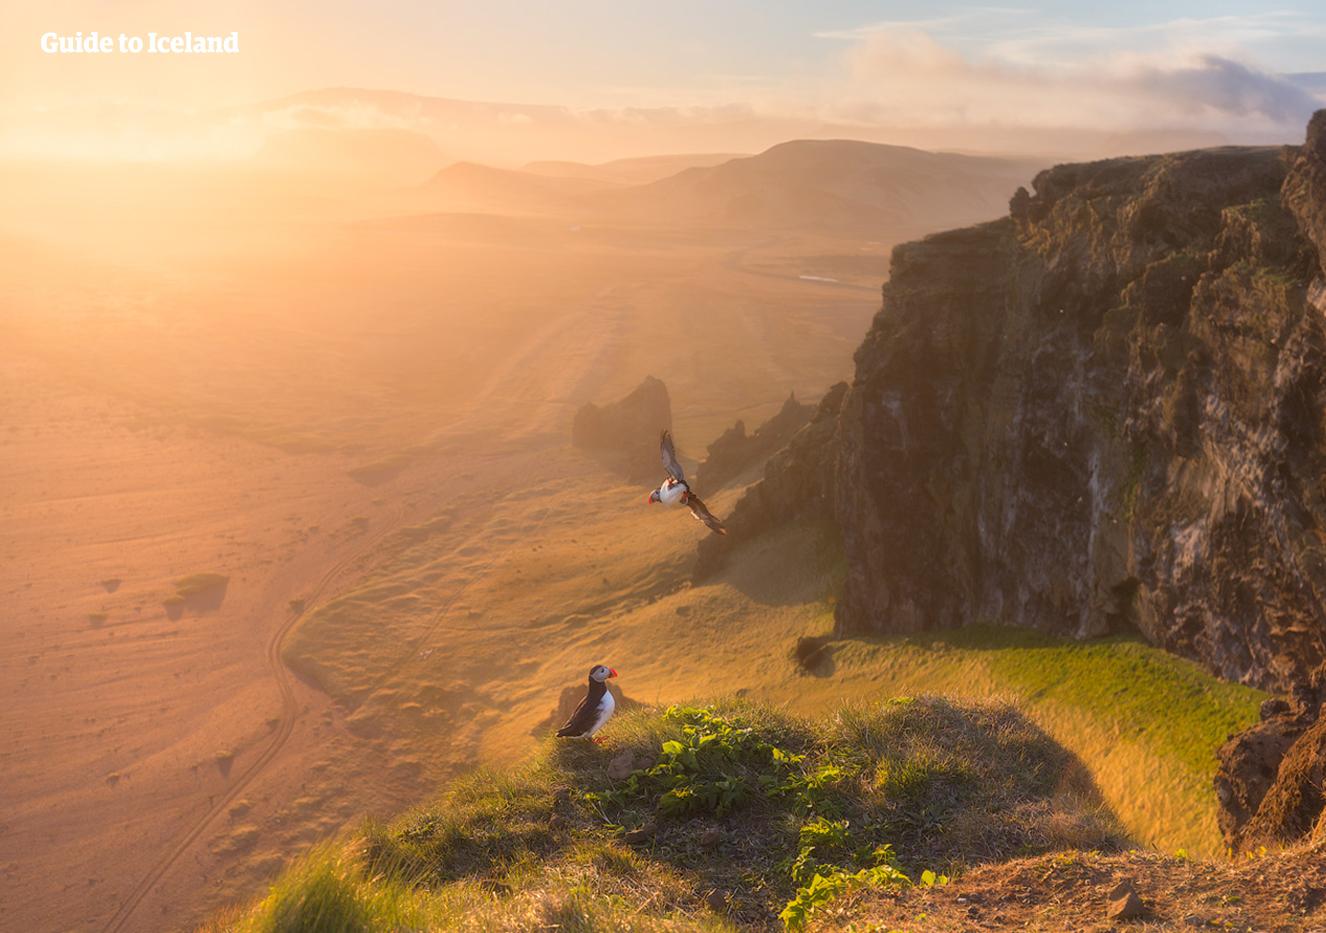 사랑스러운 퍼핀이 서식지로도 유명하지요! 디르홀레이입니다. 절벽 위에서는 사방으로 펼쳐진 장관을 감상할 수 있습니다.